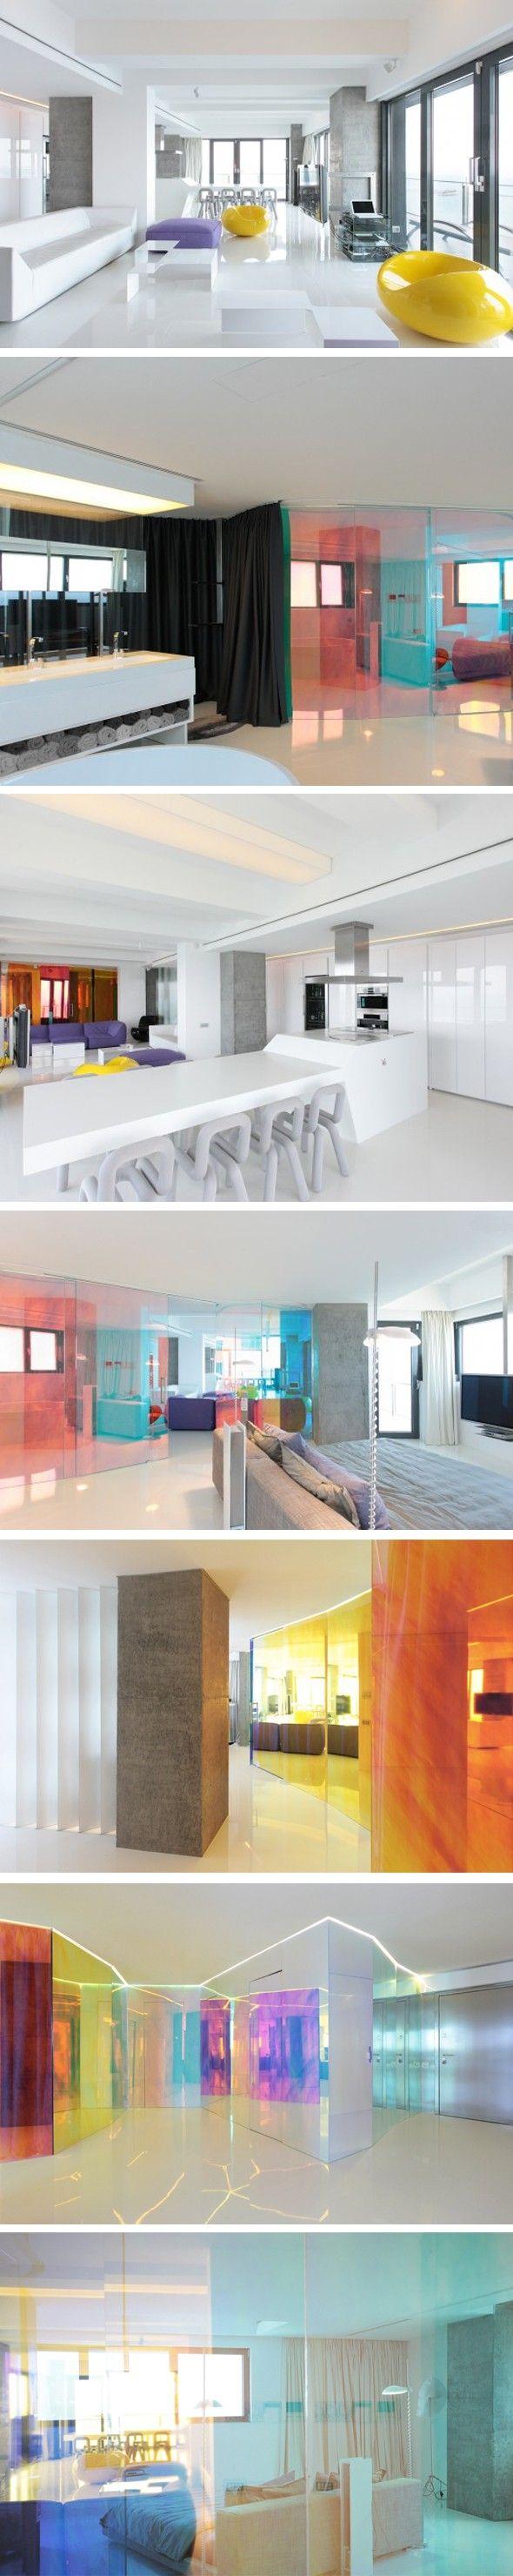 Appartement H par Re Act Now - Journal du Design